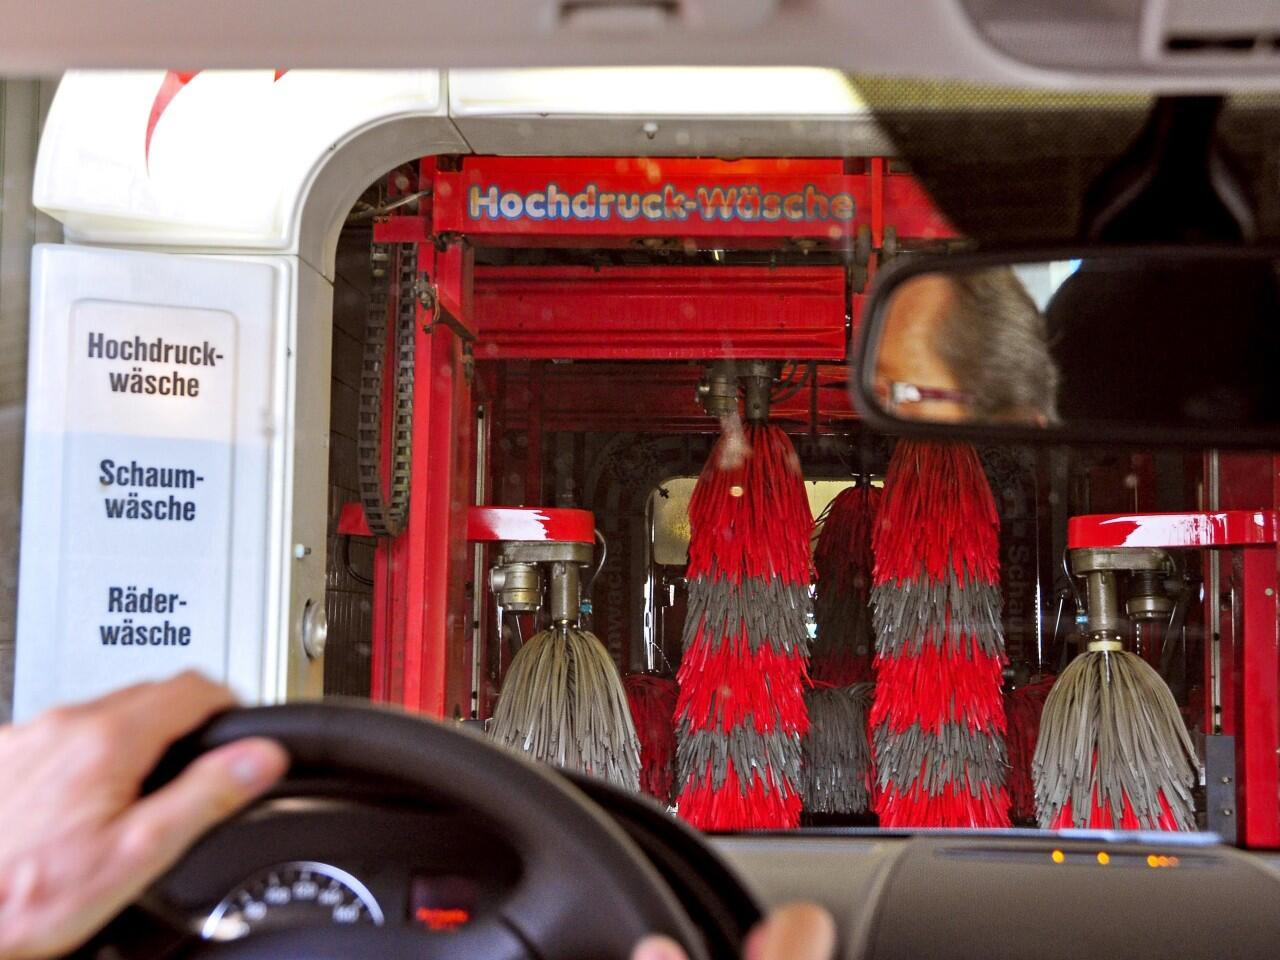 Bild zu Waschanlage: Oft ist die Waschstraße die günstigere Alternative